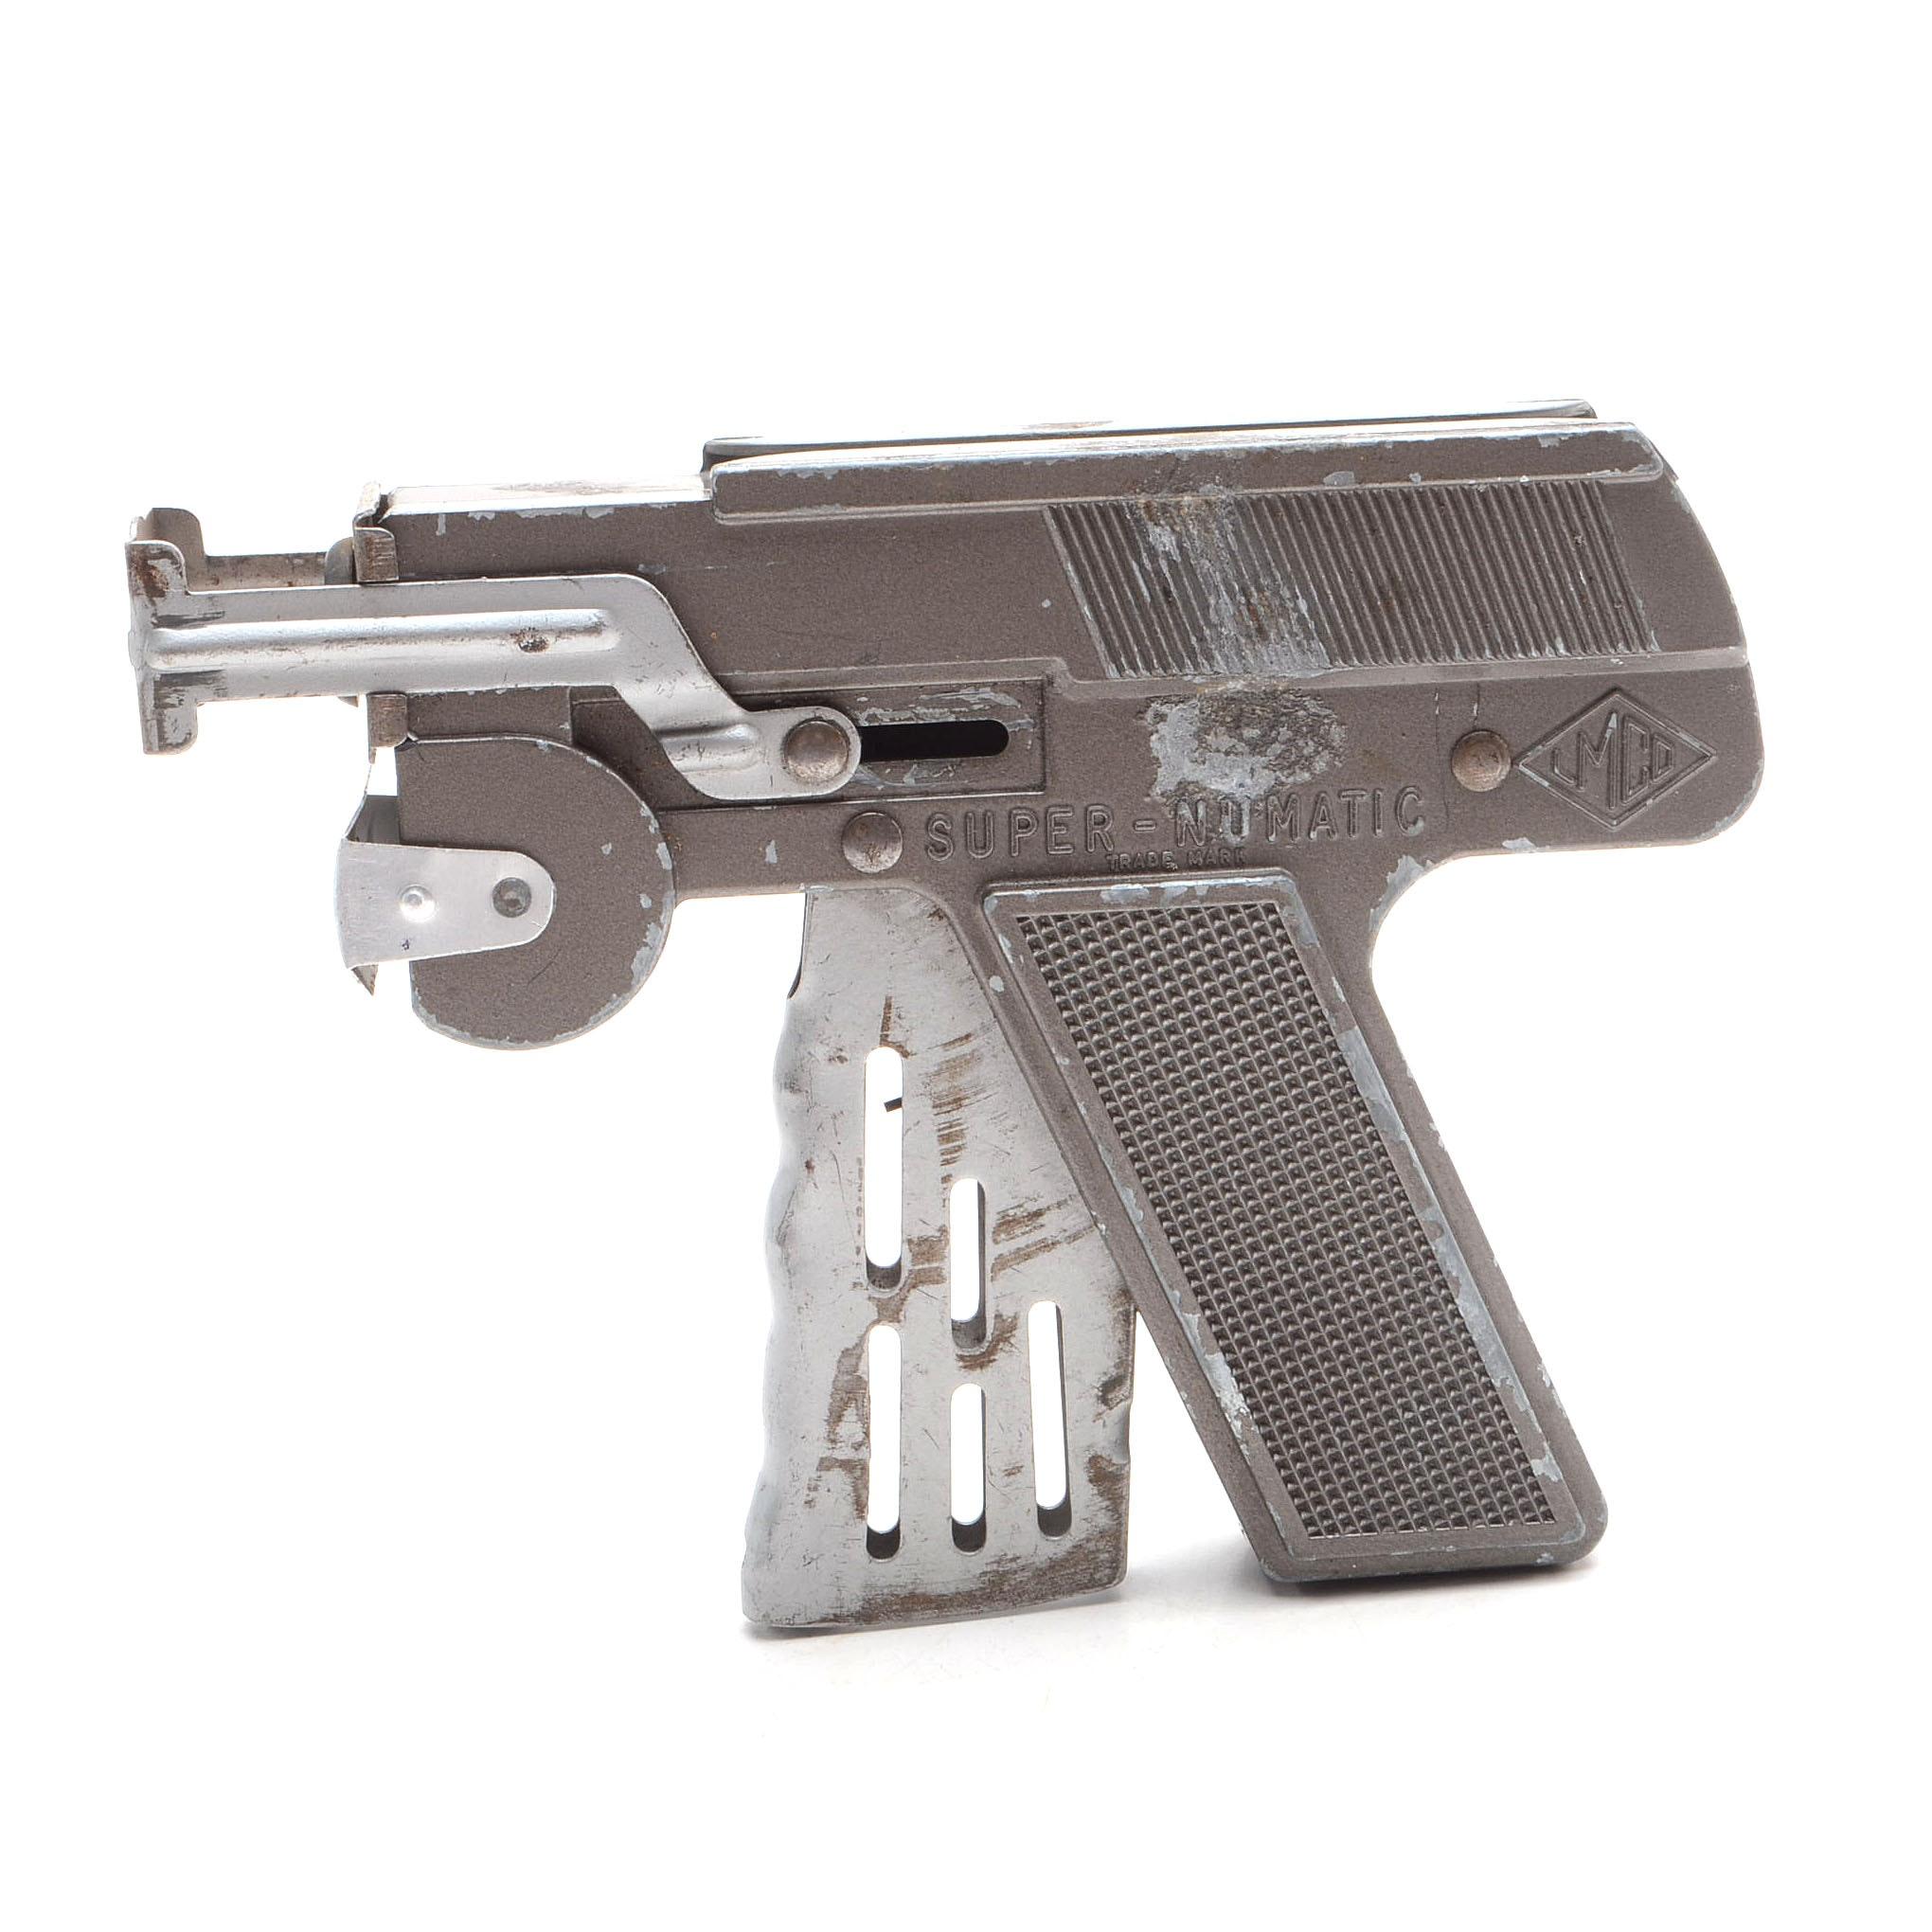 """1940s-1950s  """"Super Numatic"""" Toy Pistol"""